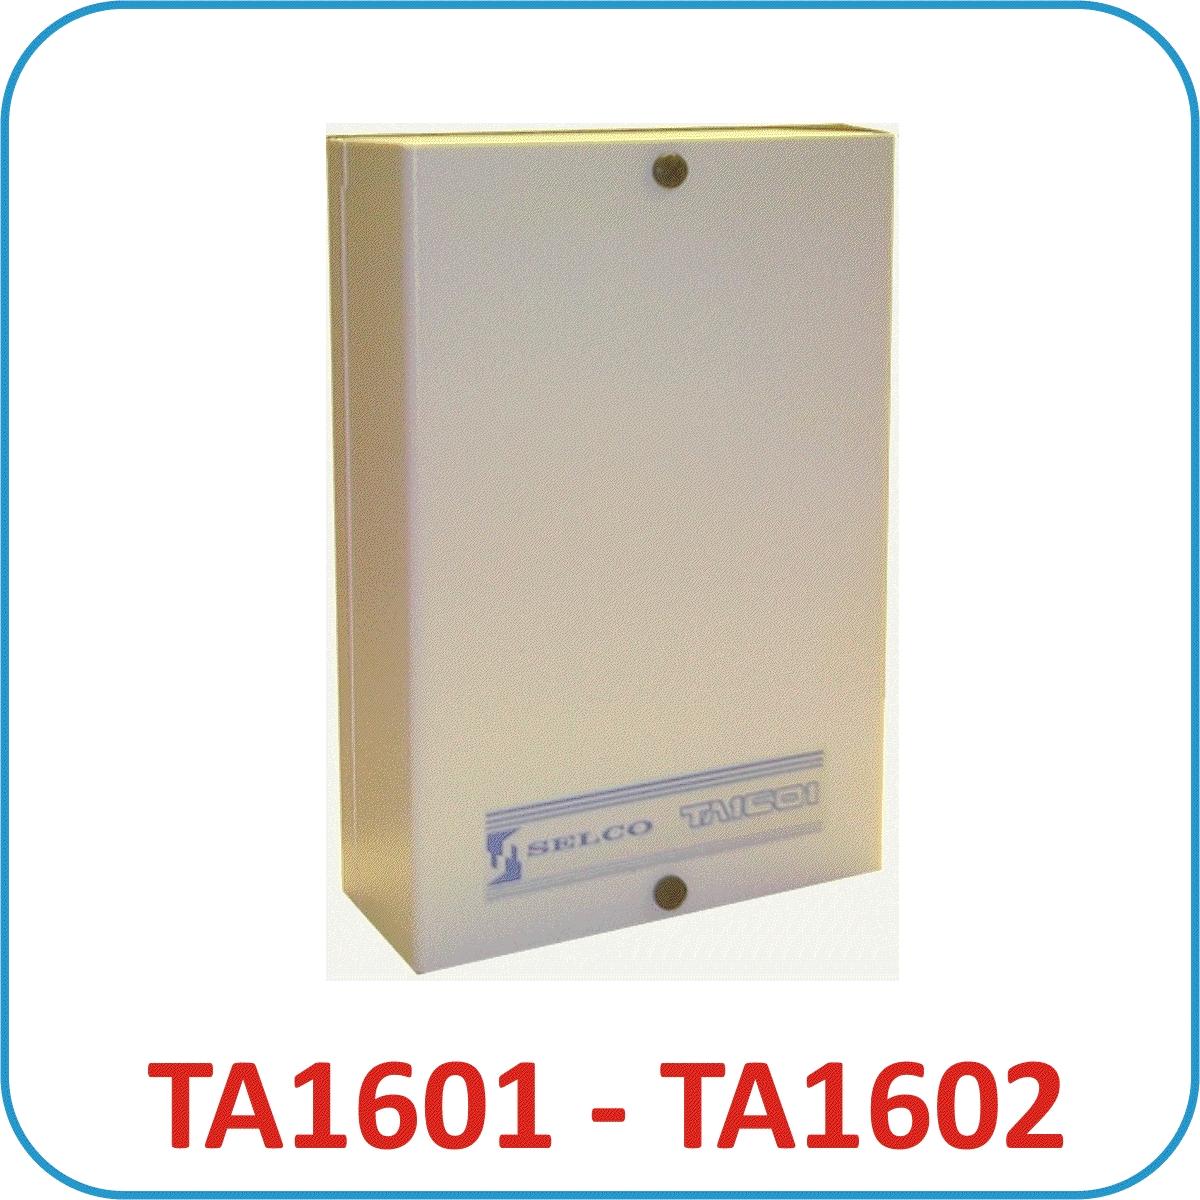 COMBINATORI RETE FISSA TA1601 - TA1602